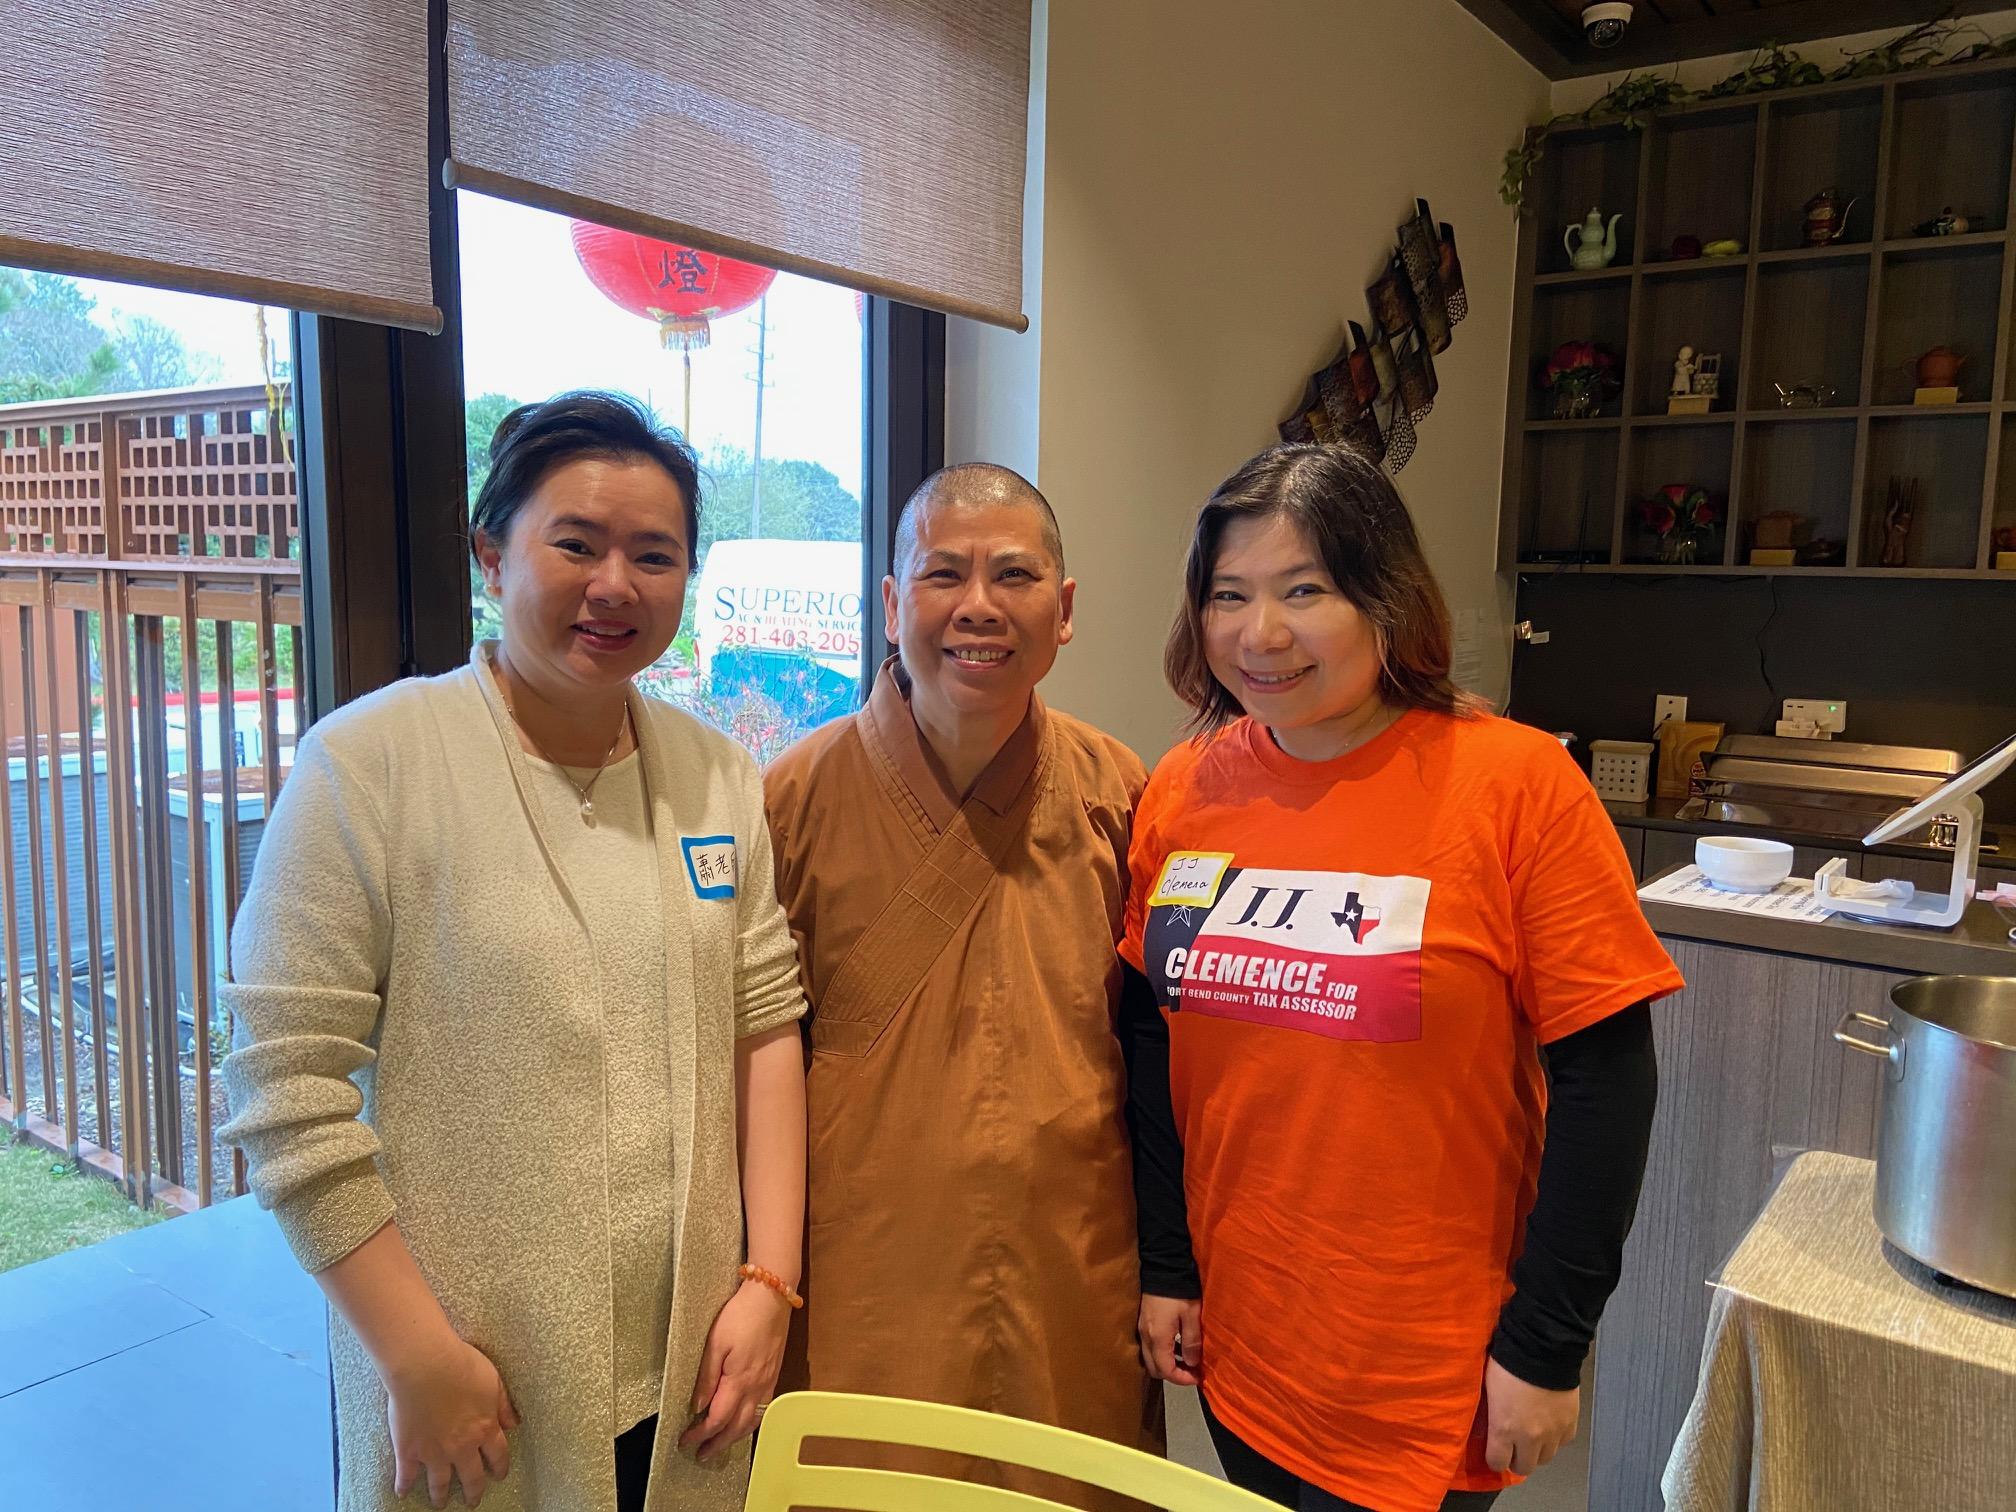 張晶晶(右),覺如法師(中)和蕭瑛瑱,餐會中合影。(記者盧淑君/攝影)